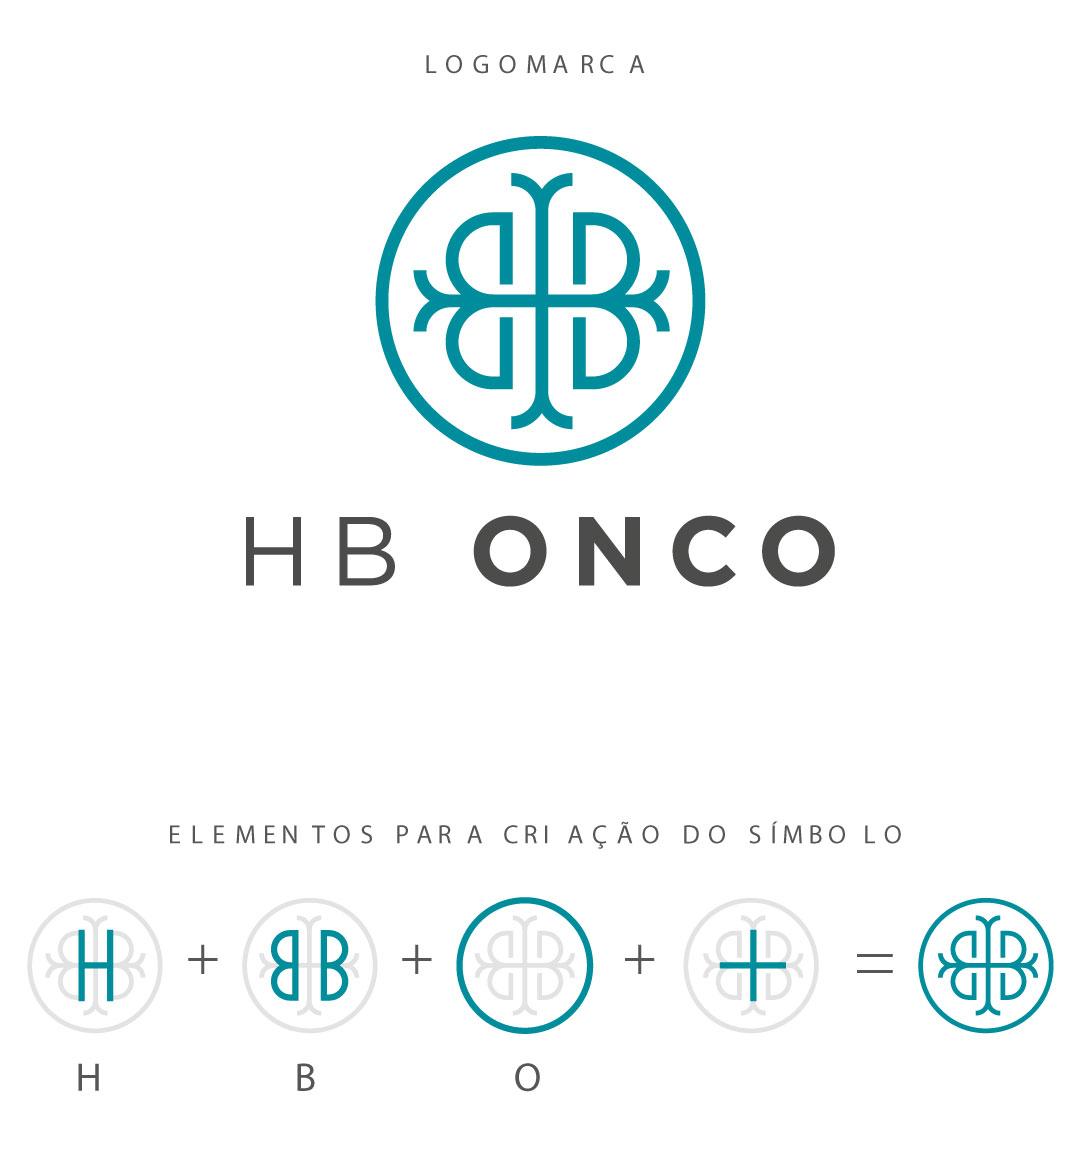 Explicação da logotipo do HB Onco